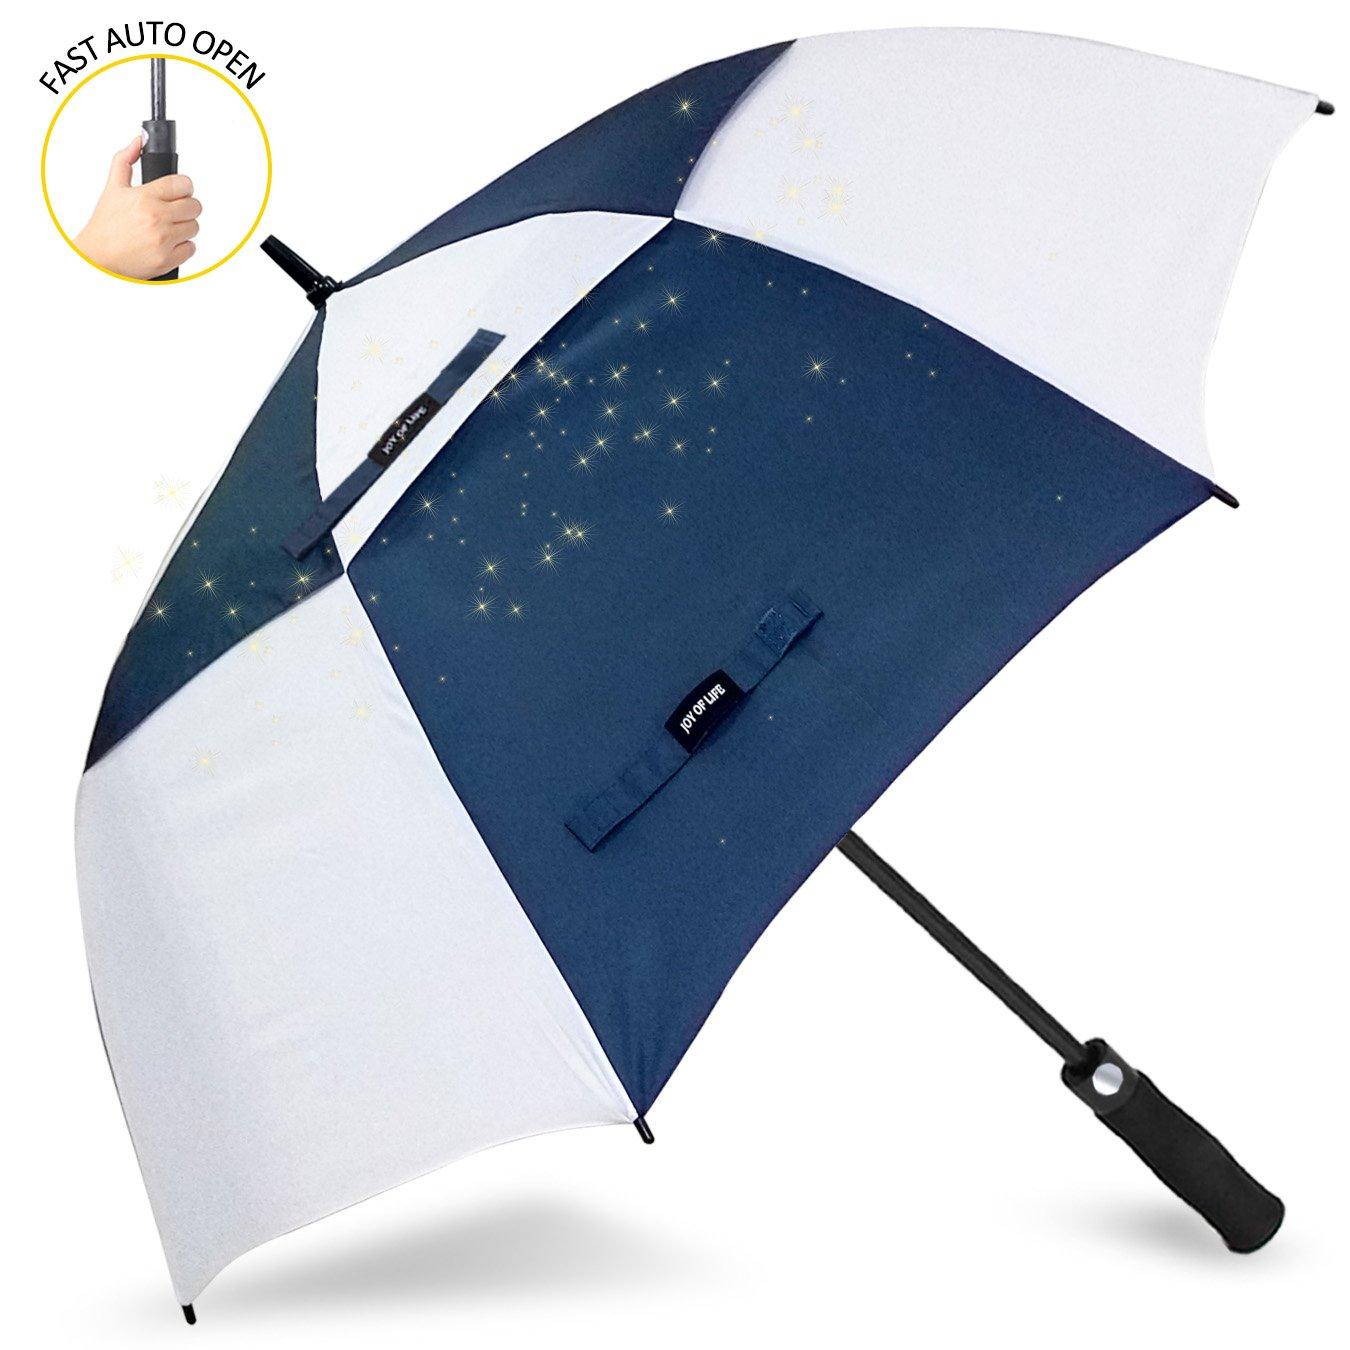 ゴルフ傘 長傘 ワンタッチ 自動開け大きな傘 100cm 梅雨対策 台風対応 ビジネス用 メンズ B078GGSLKH 傘の長さ110cm(68inches)|青/白 青/白 傘の長さ110cm(68inches)